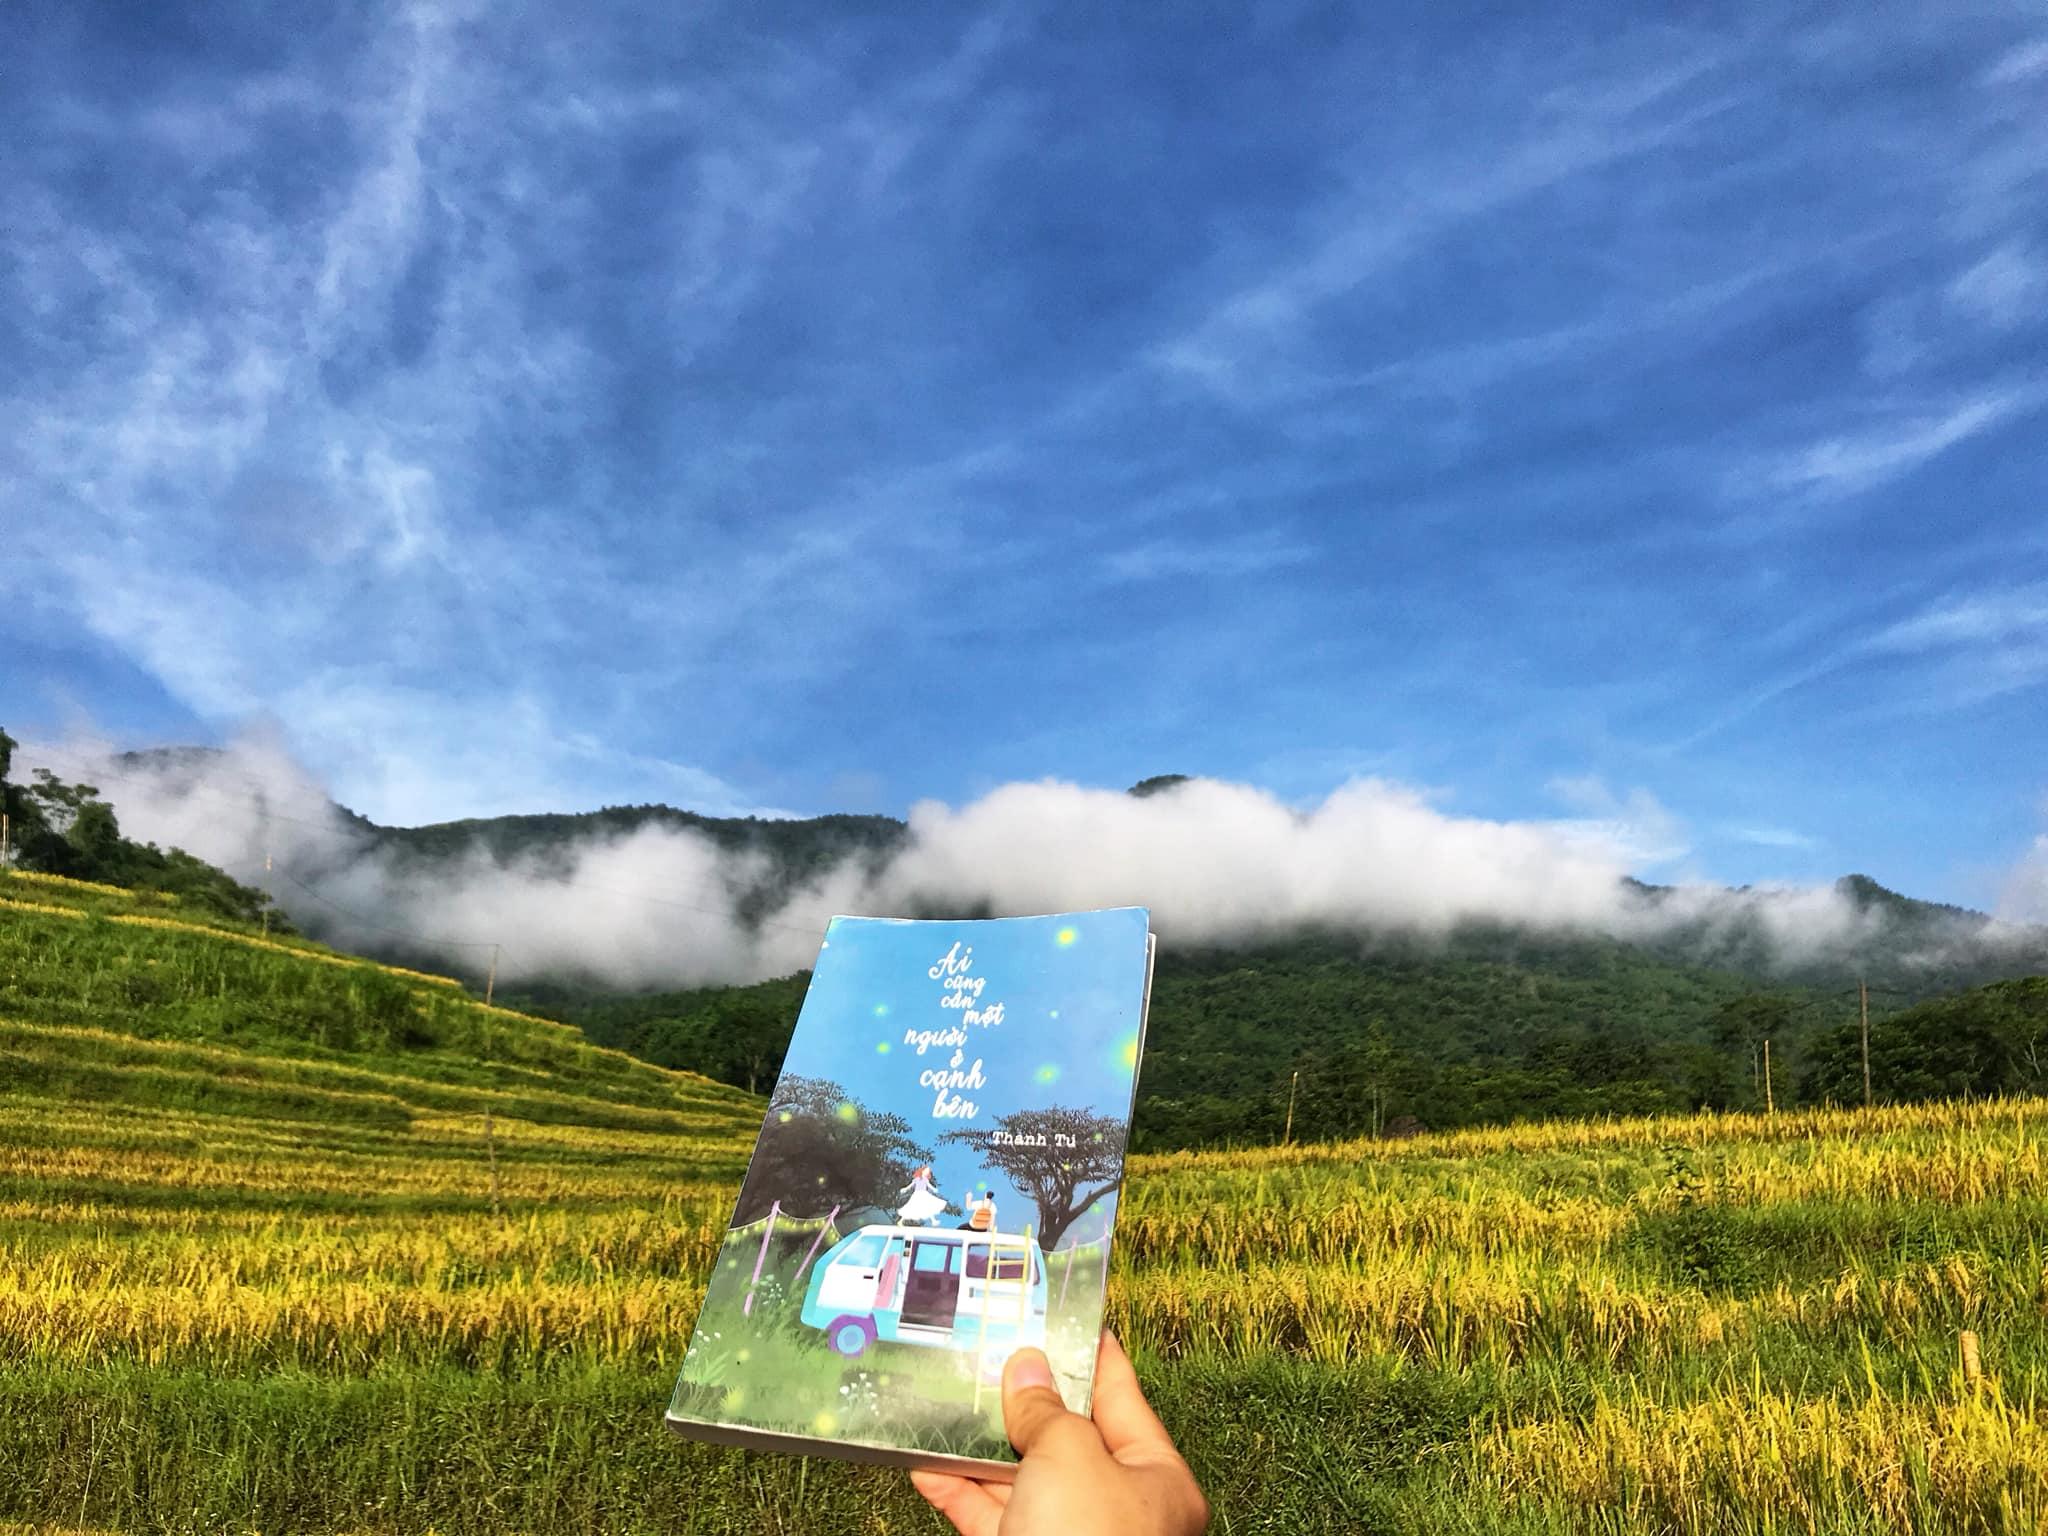 Chiem-nguong-pu-luong-mua-lua-chin-tour-pu-luong-vietmountain-travel1